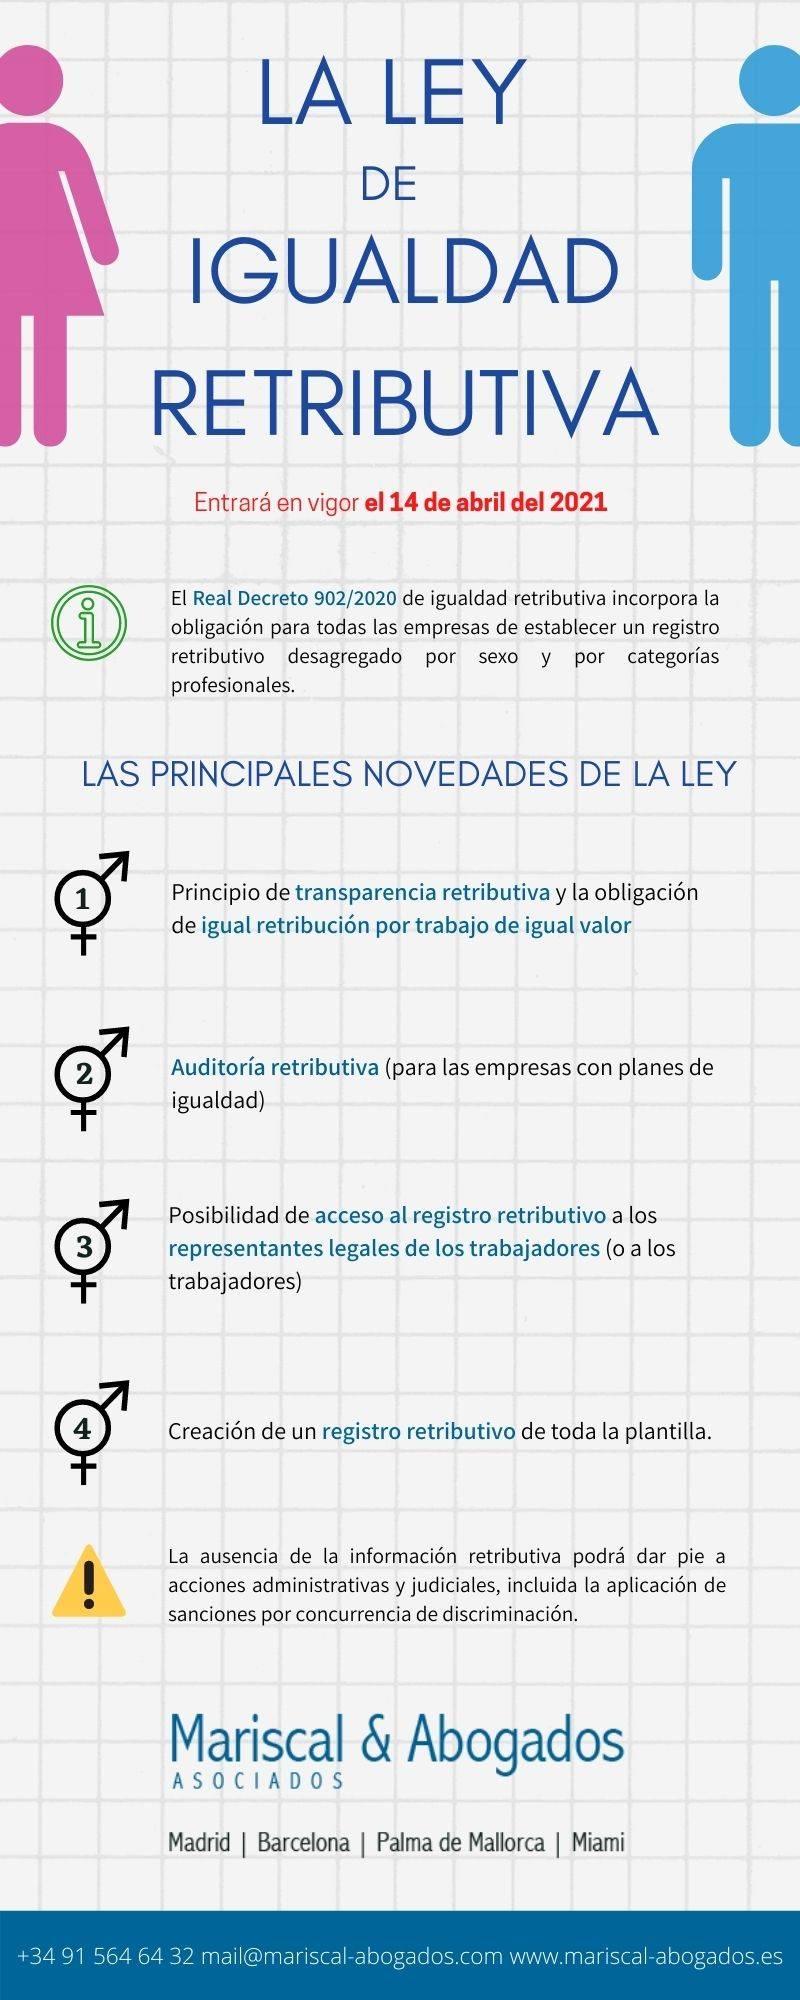 Ley de igualdad retributiva en España